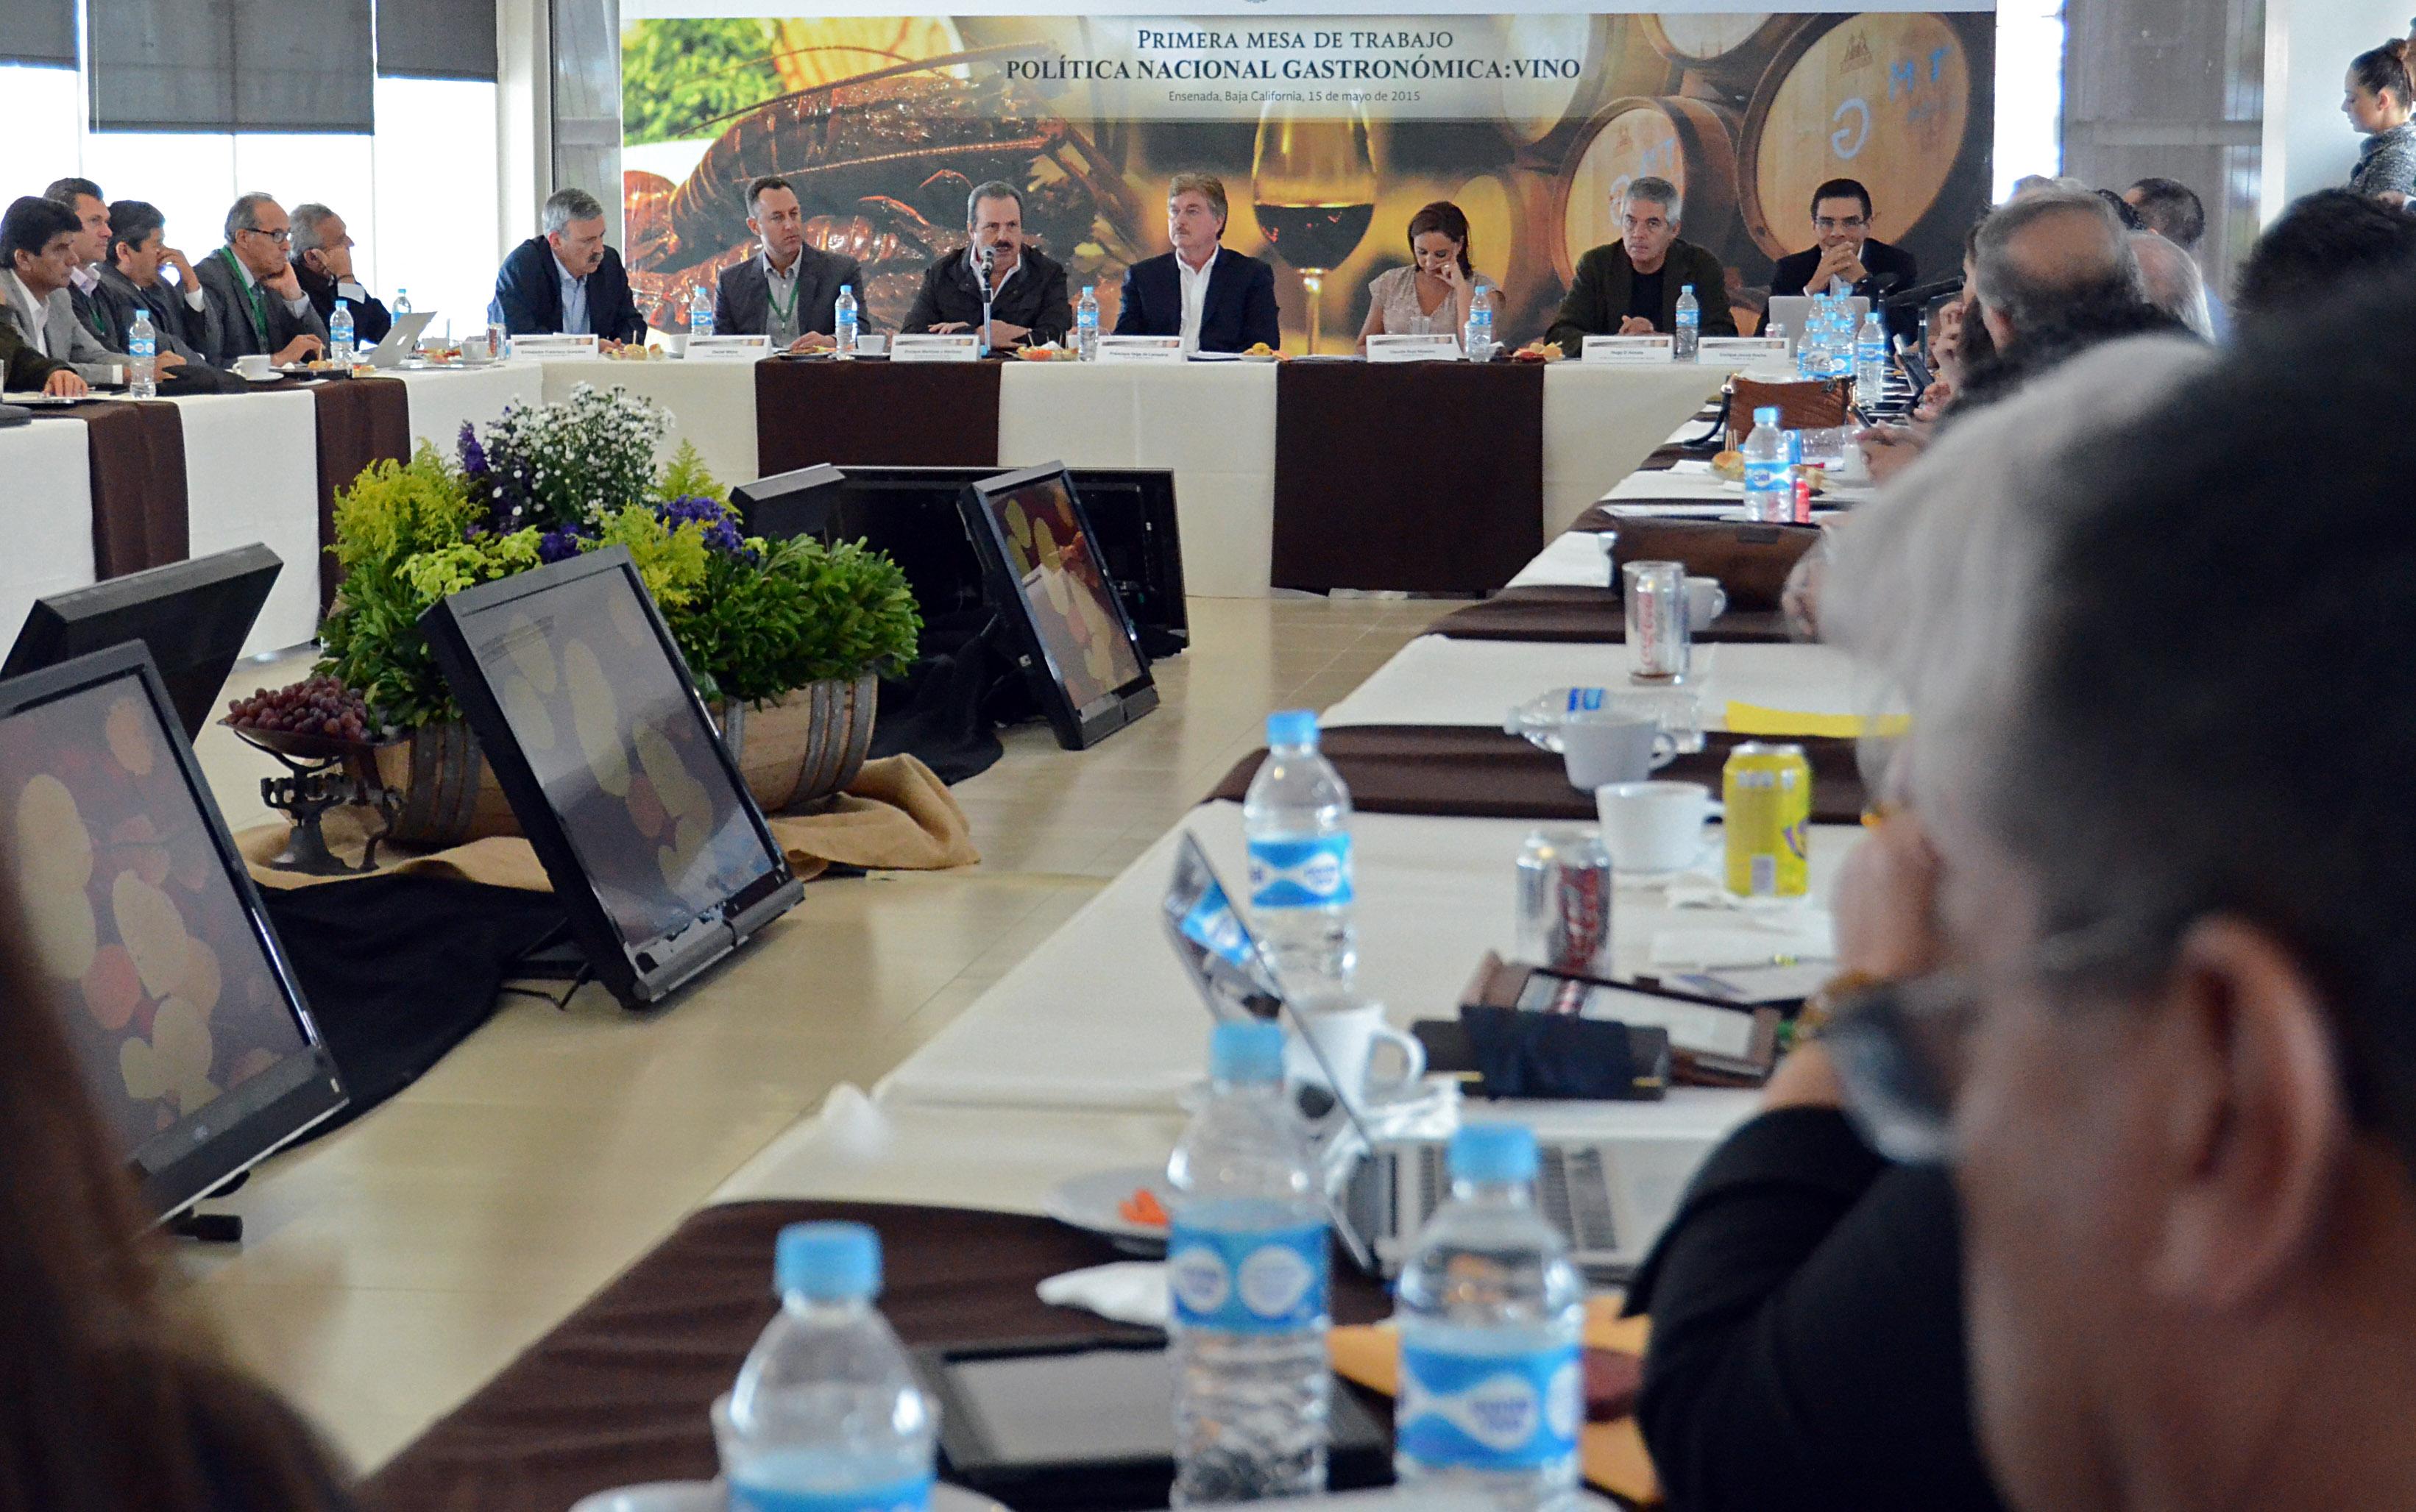 Impulsa Gobierno de la República sector vitivinícola nacional mediante zonas turísticas, actividad productiva y fomento a las exportaciones.